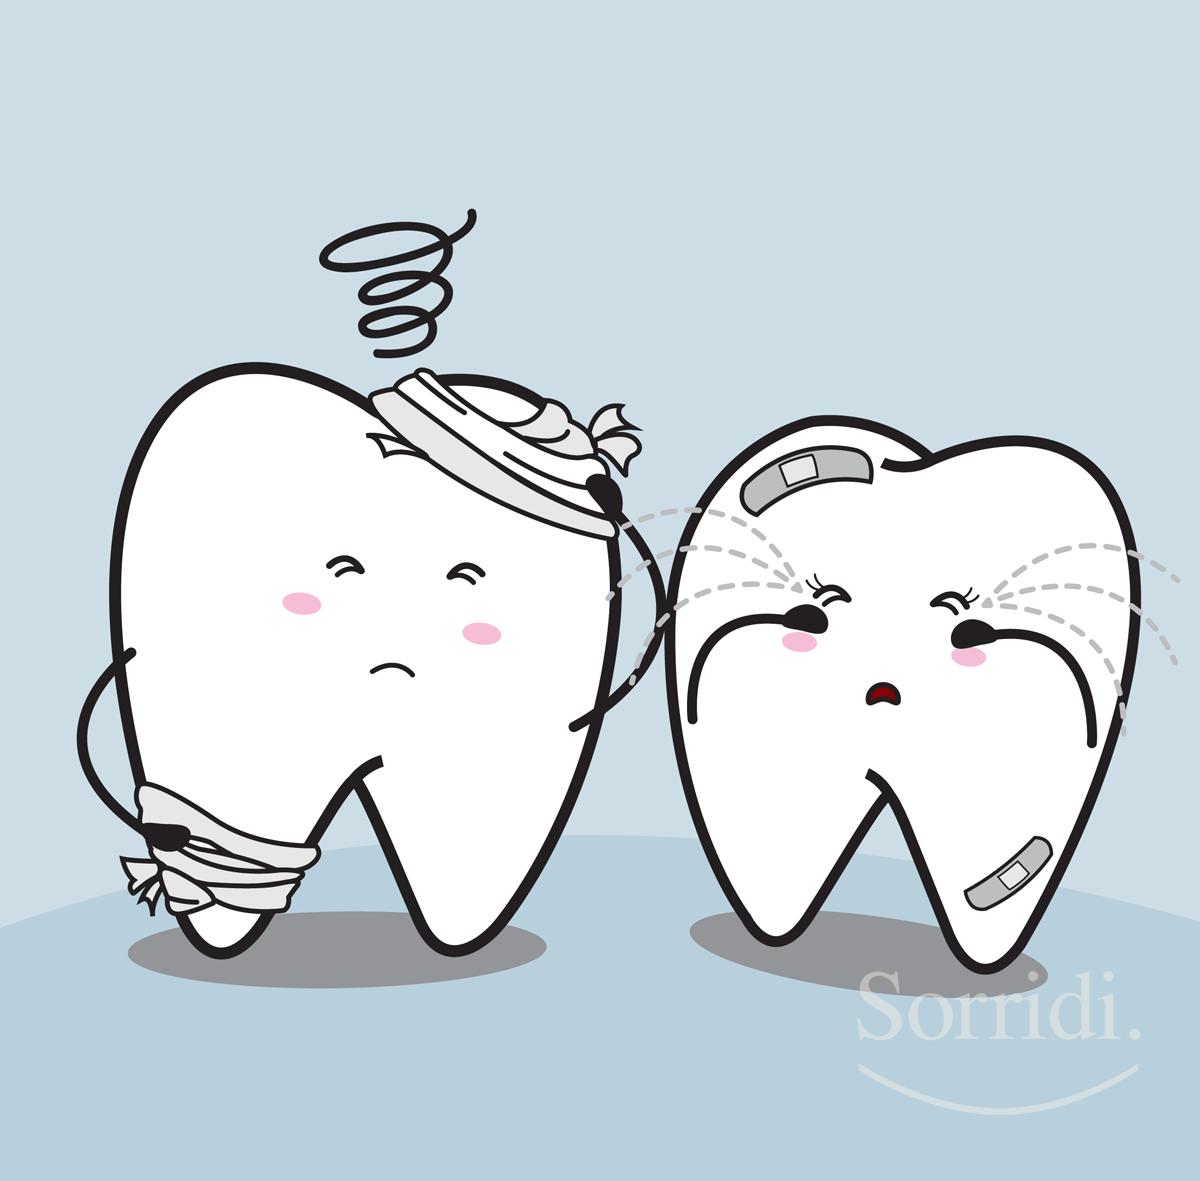 sorridi-ch-magazine-dente-scheggiato-che-fare